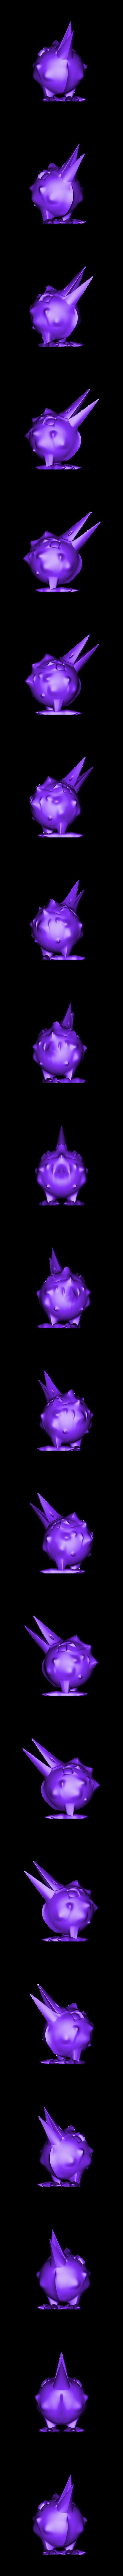 kiwi.stl Télécharger fichier STL gratuit Kiwy • Design pour impression 3D, Stenoxp